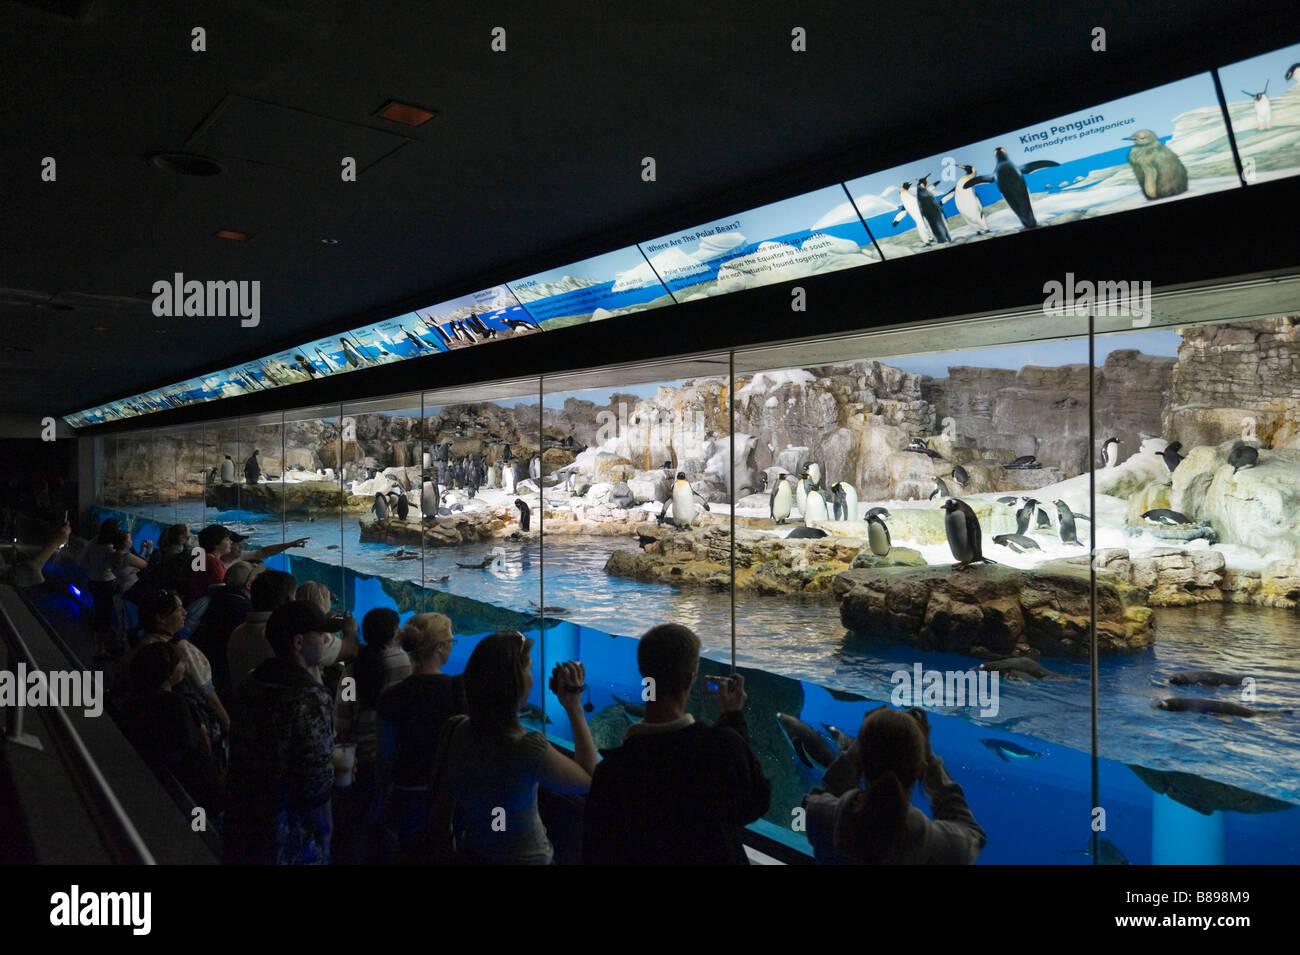 Viewing area at the Penguin Encounter, Sea World, Orlando, Central Florida, USA - Stock Image